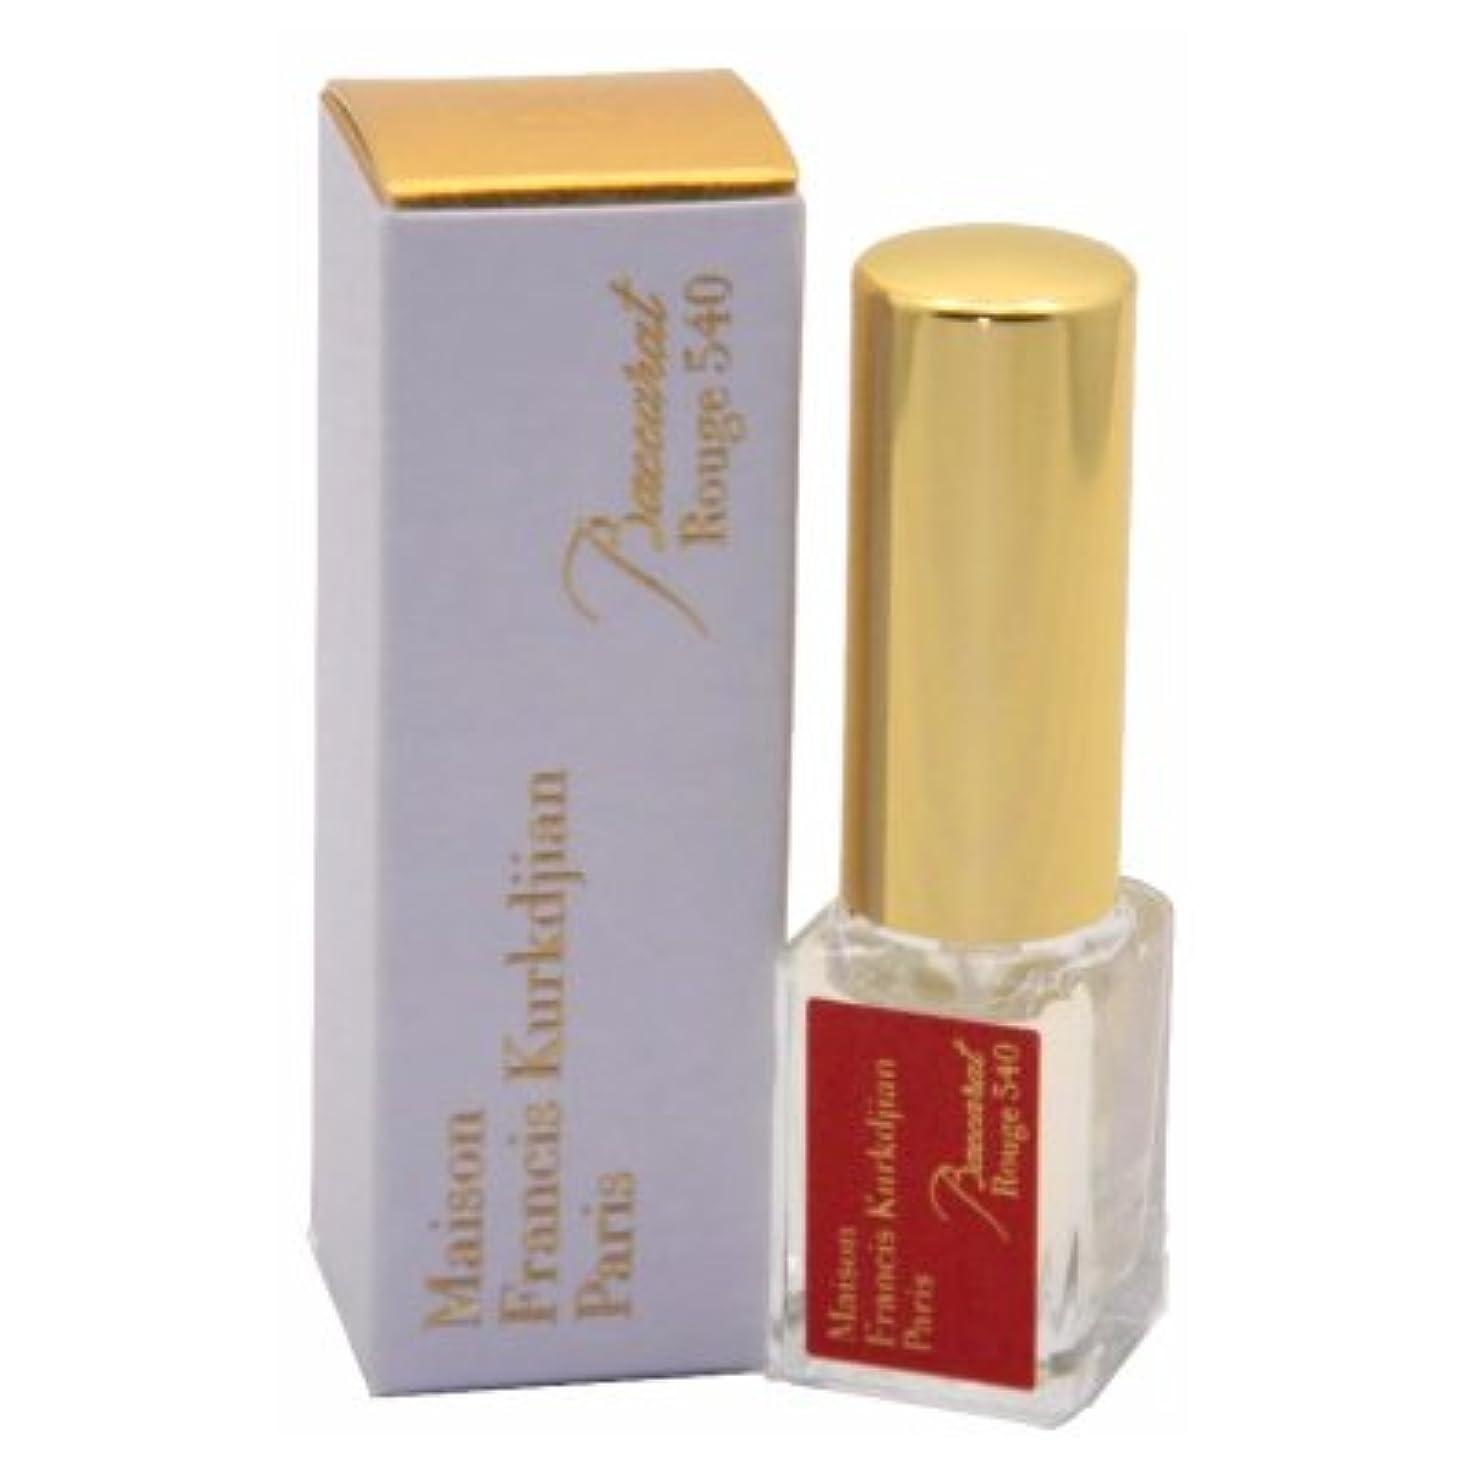 遊びますピストン資料メゾン フランシス クルジャン バカラ ルージュ 540 オードパルファン トラベルサイズ 5ml(Maison Francis Kurkdjian Baccarat Rouge 540 EDP Spray Mini 5ml...